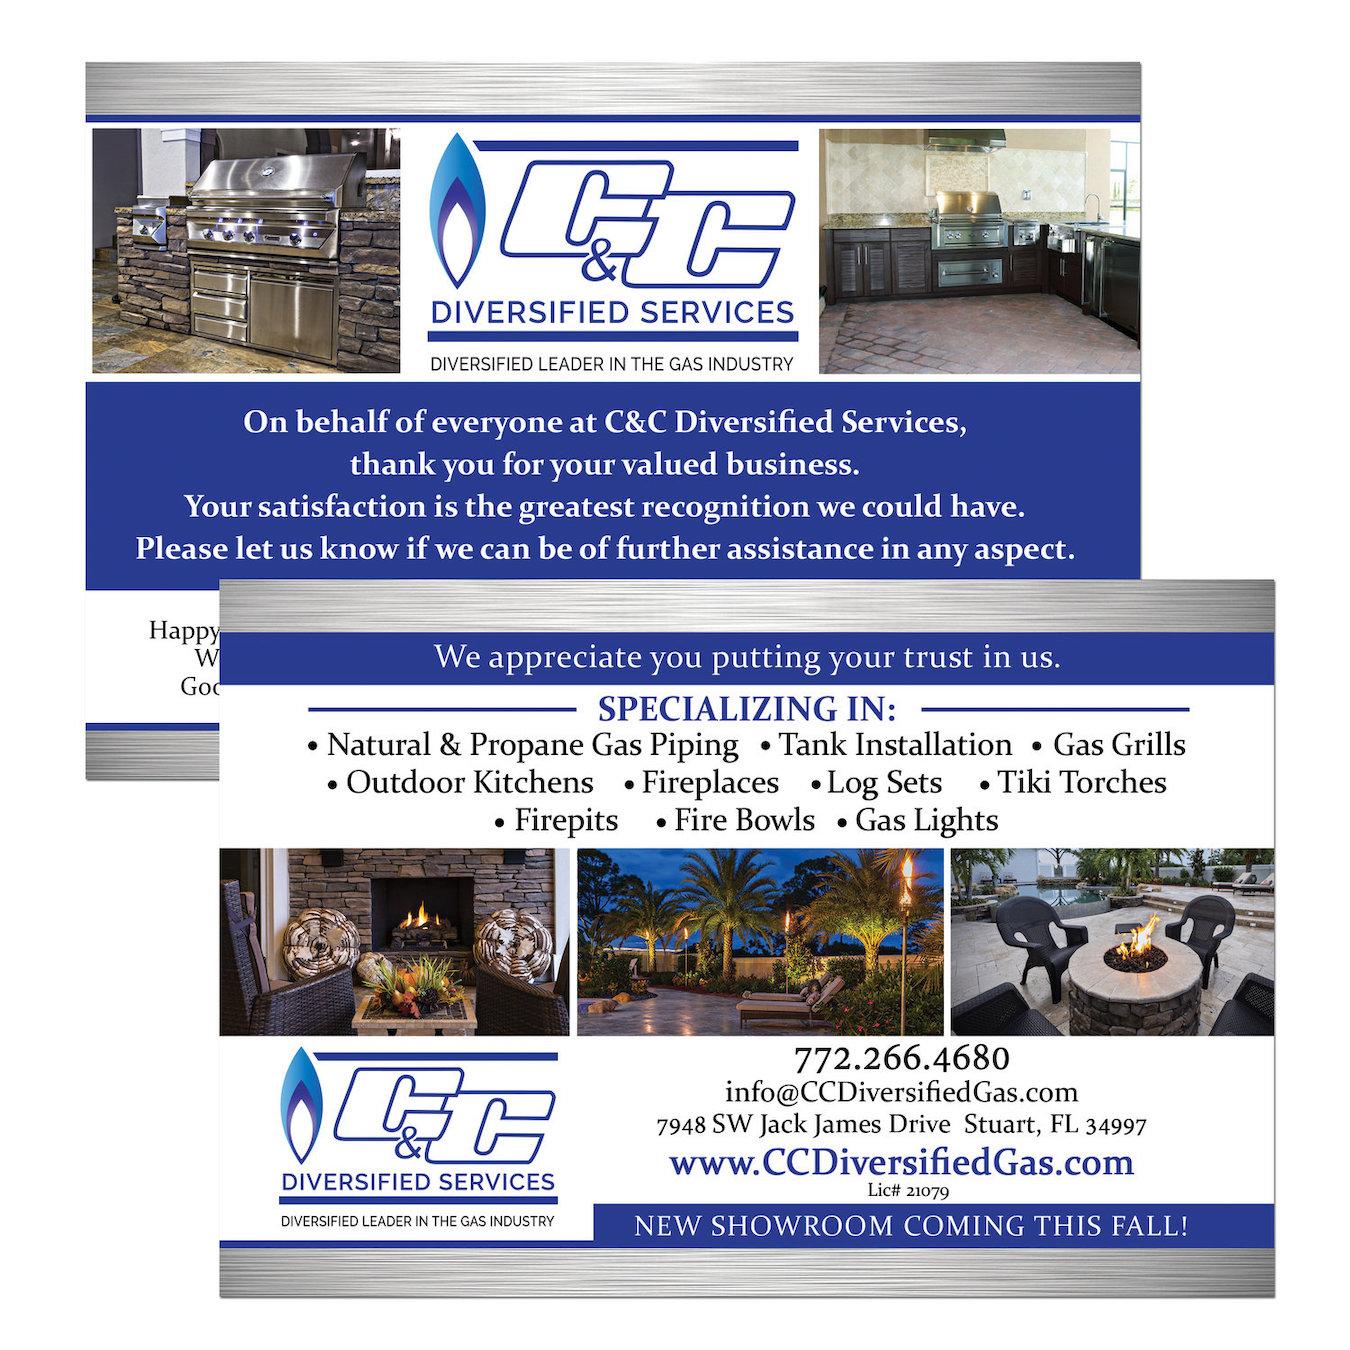 Gas Services Postcard Design - Stuart